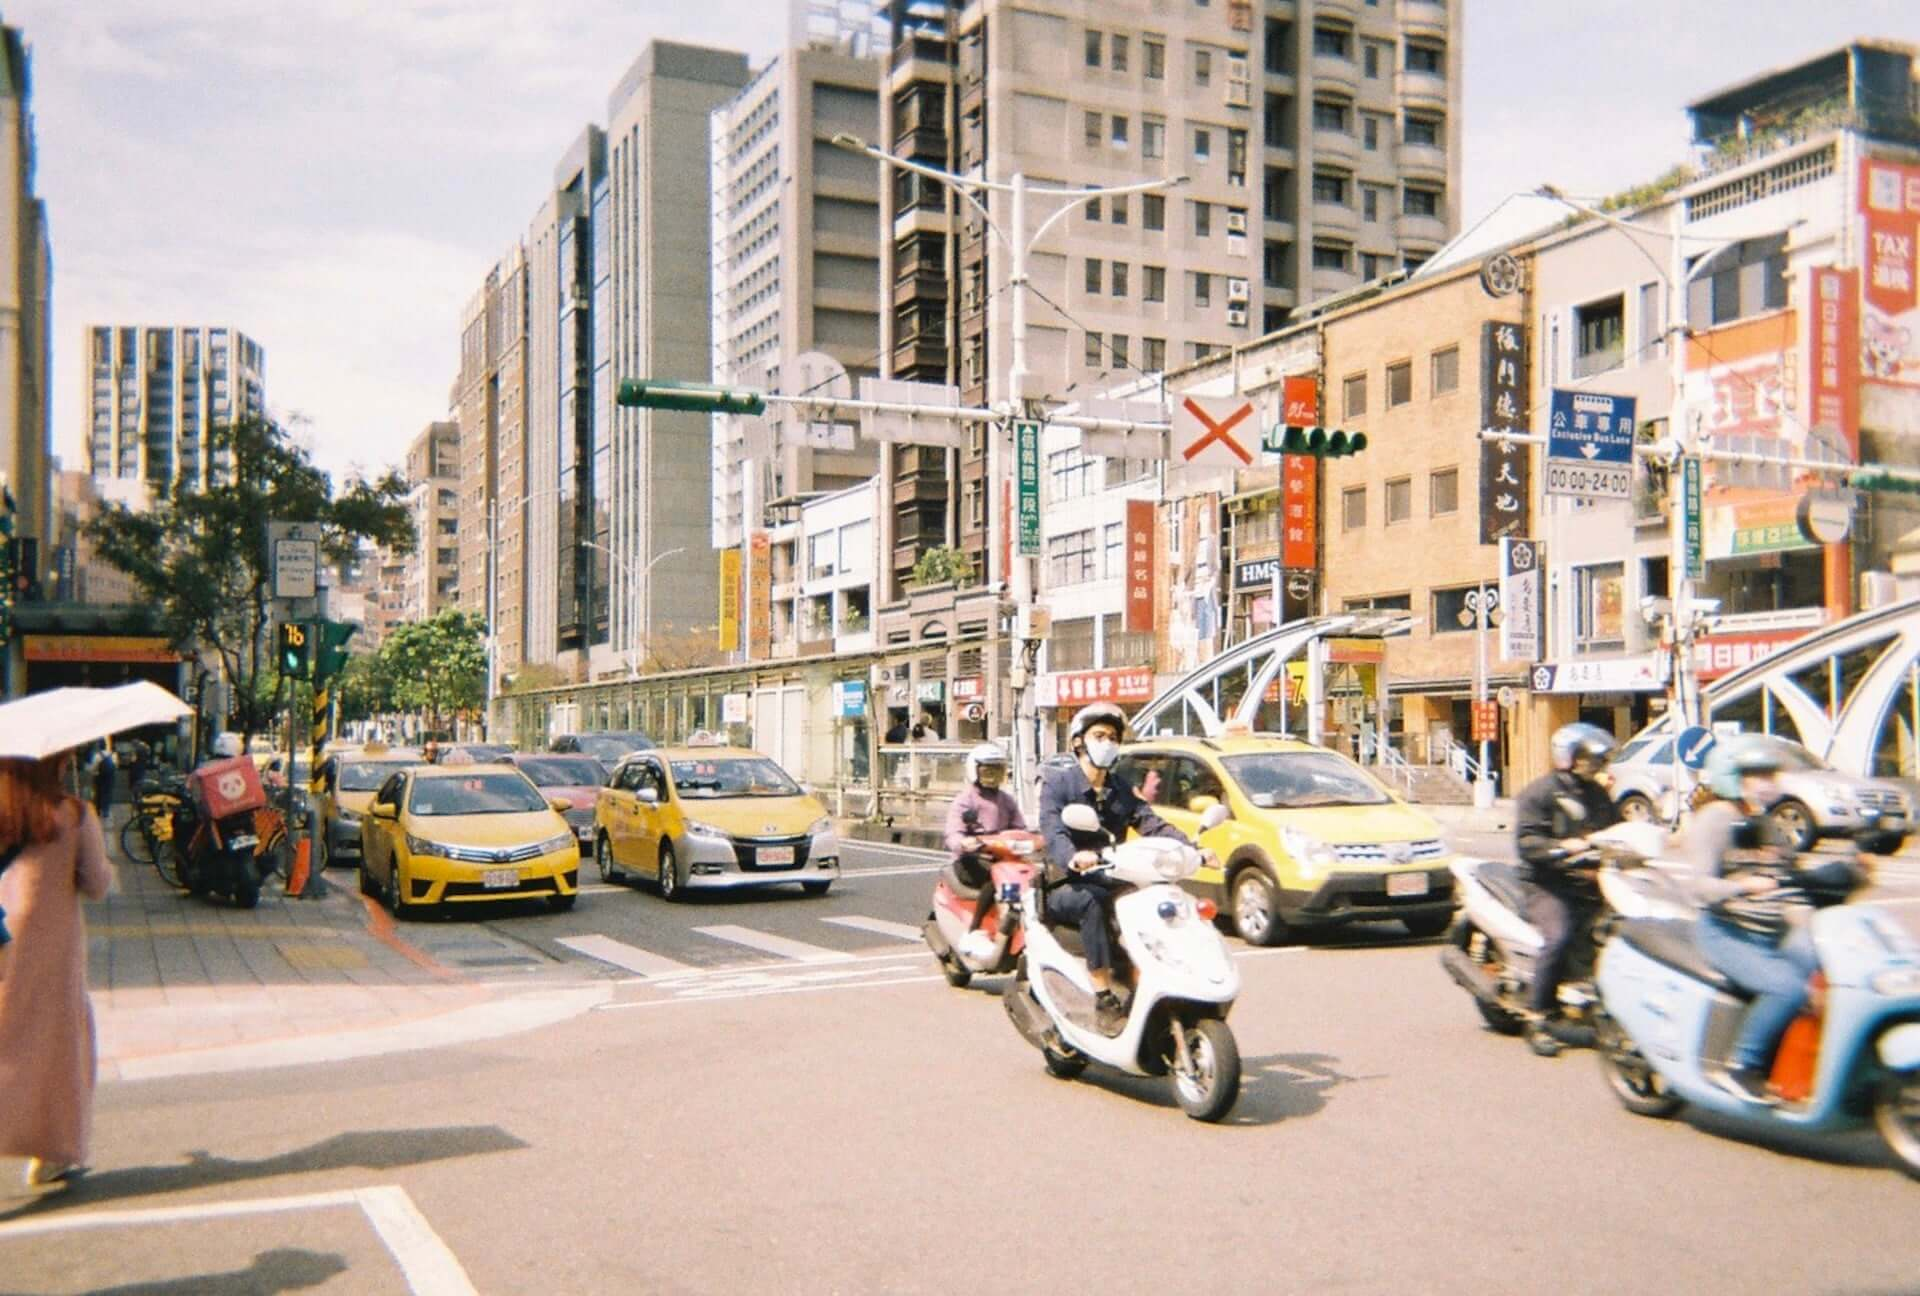 珠 鈴×松㟢翔平 台湾でどこ行く なに食べる?好好台湾対談 interview_shuri_matsuaki_10-1920x1296